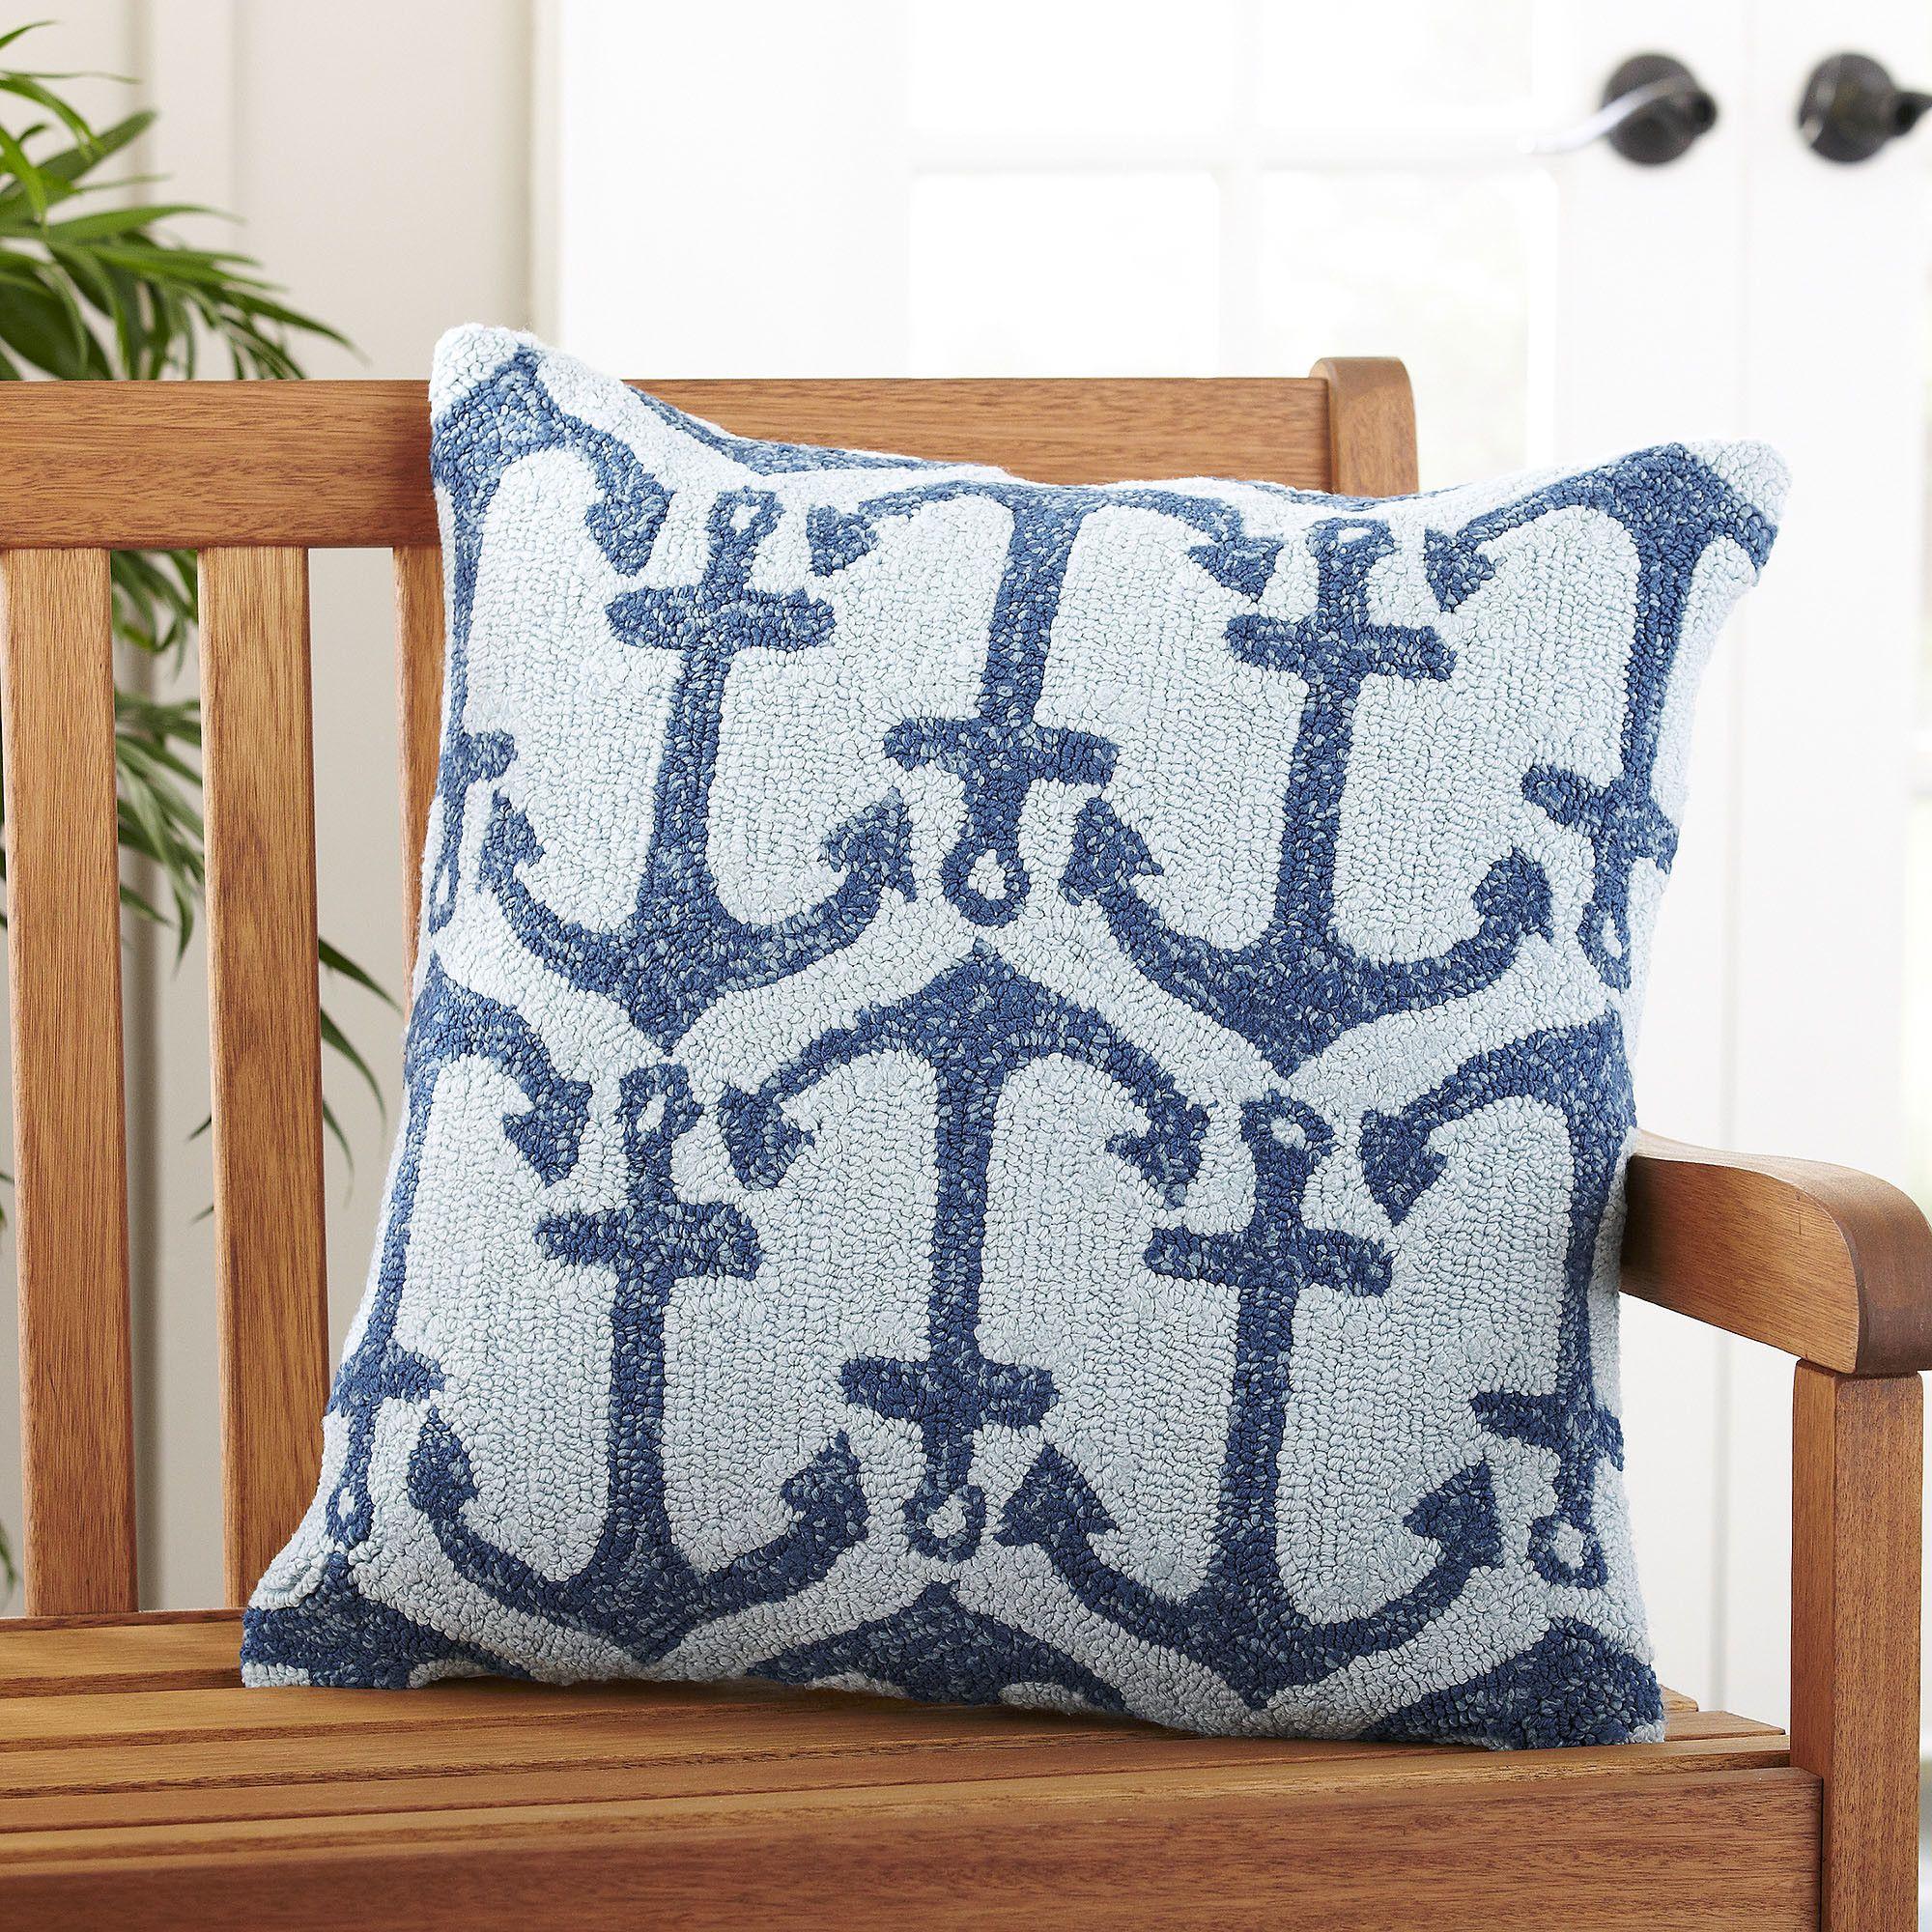 Blue anchor outdoor pillow outdoor pillow covers